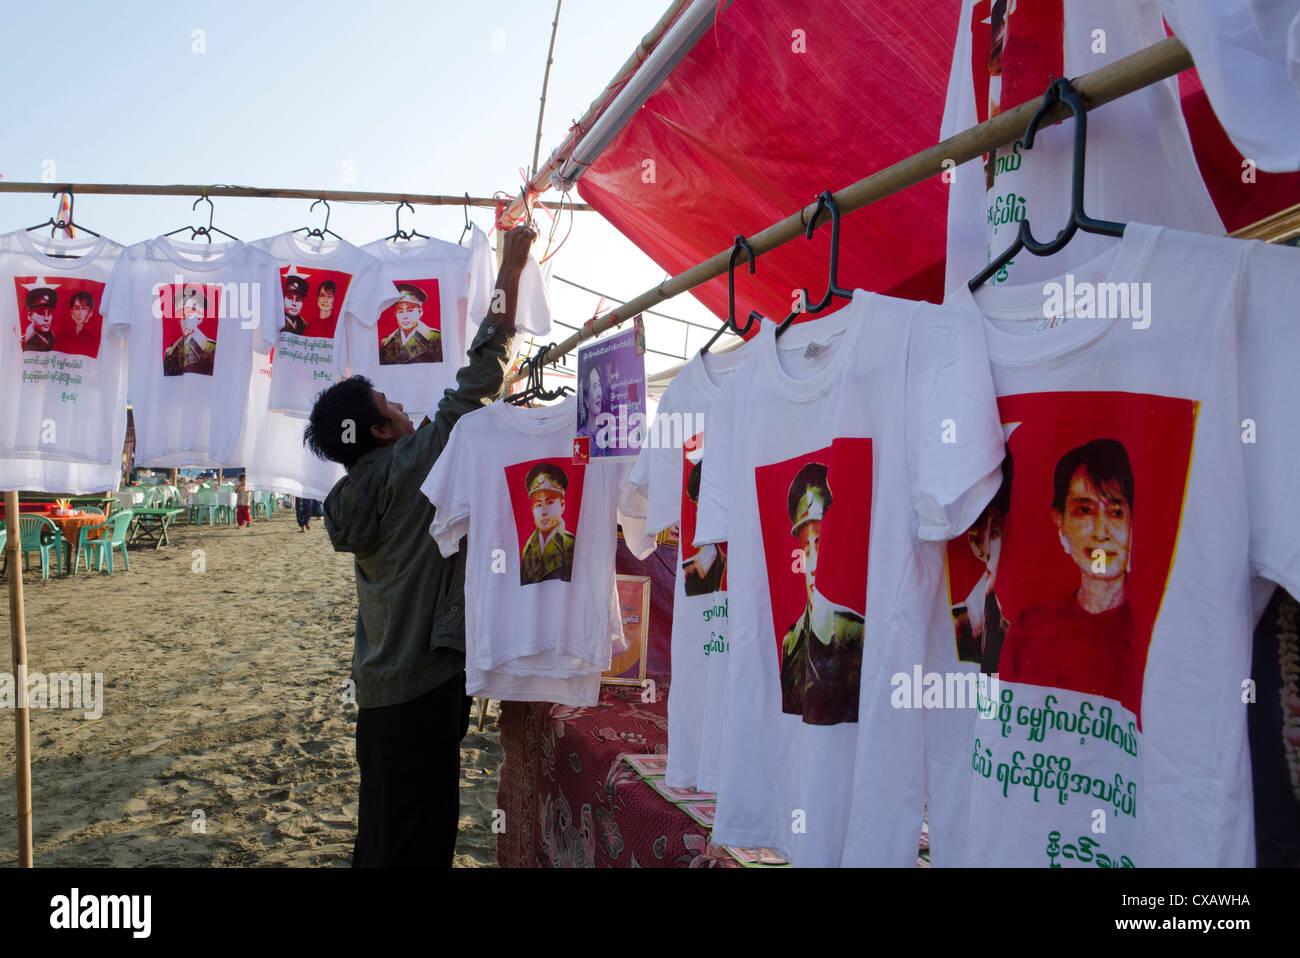 NLD-Stall mit T-Shirts von The Lady und General Aung San, Mawdinsoun Festival, Ende des Irrawaddy-Deltas, Myanmar Stockbild